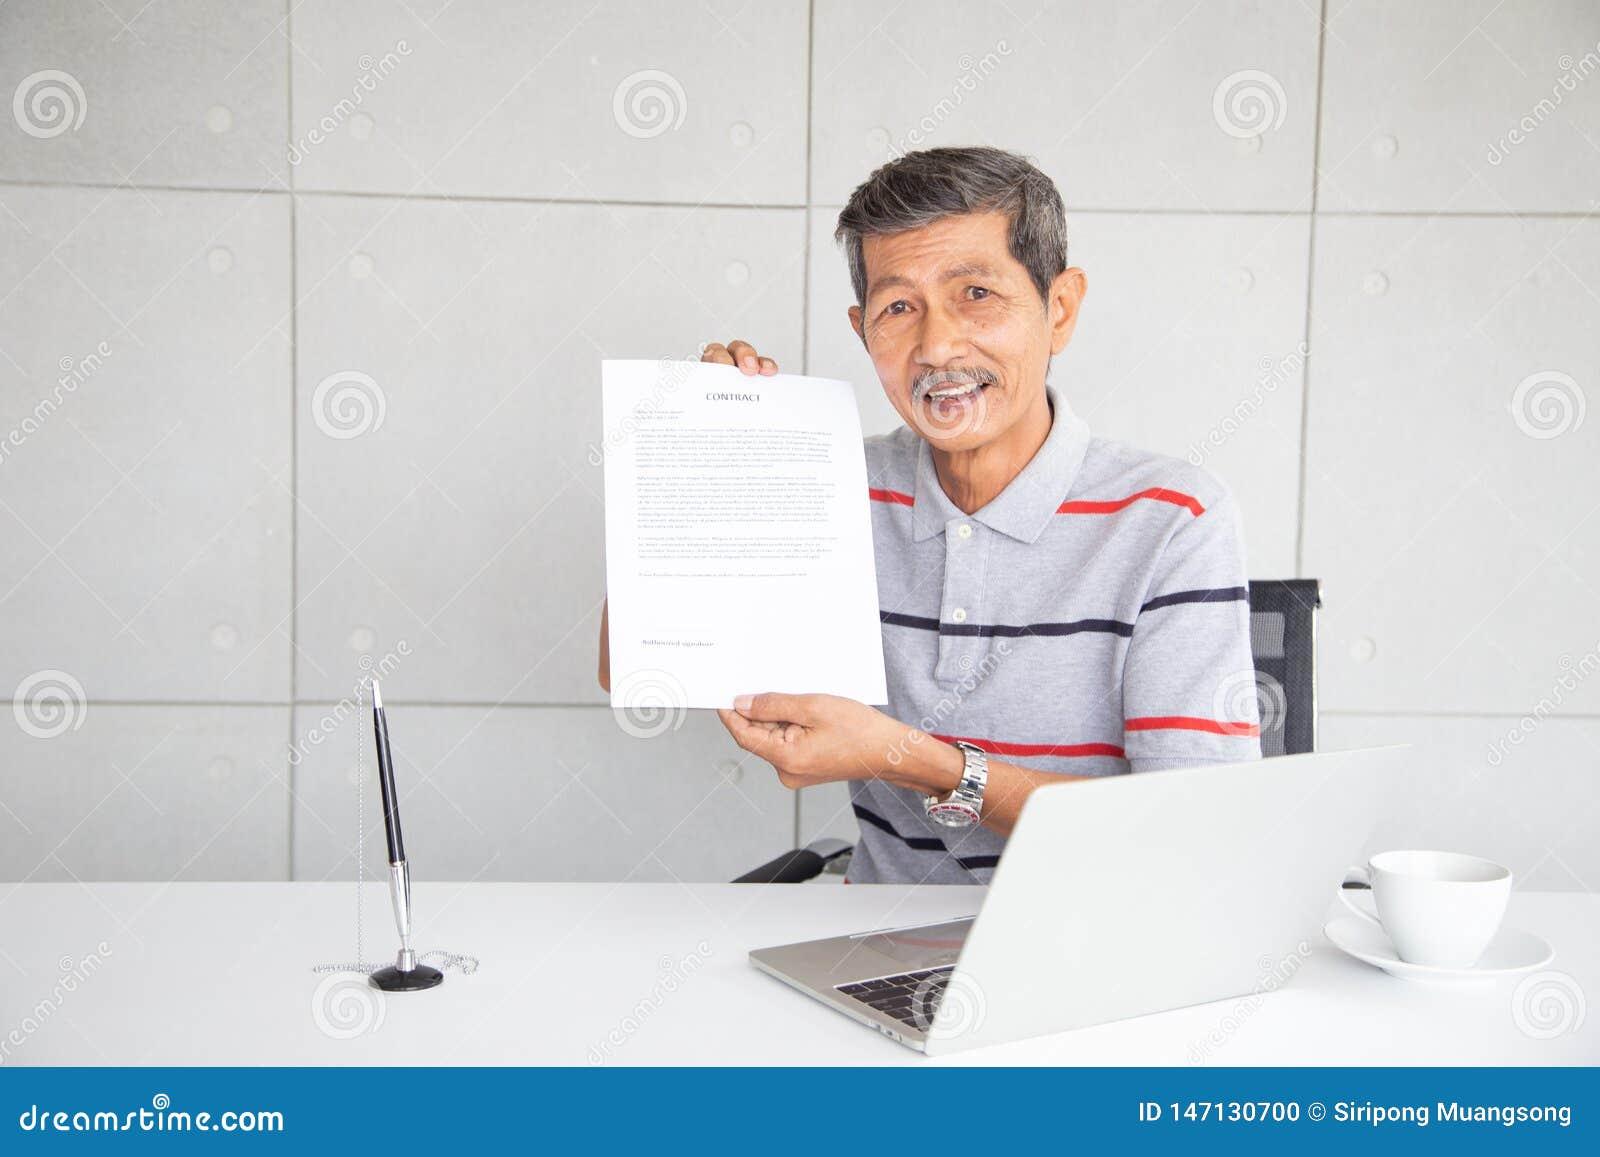 Dokument för gamal manshowavtal efter tecken och leende med lycklig känsla